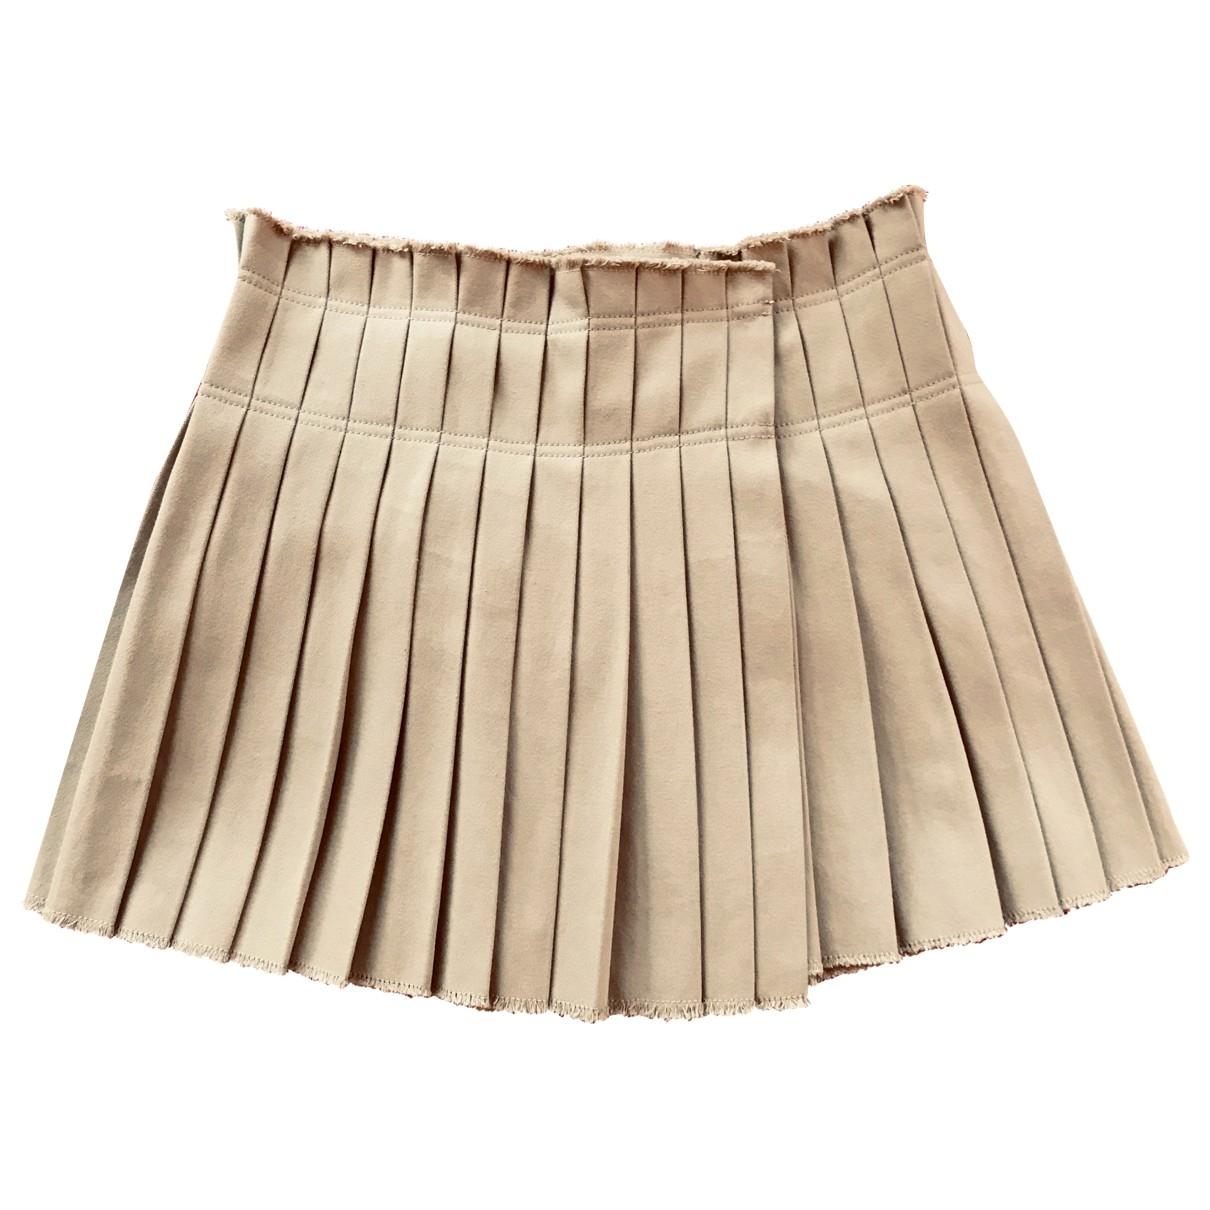 Isabel Marant \N Khaki Cotton - elasthane skirt for Women 38 FR